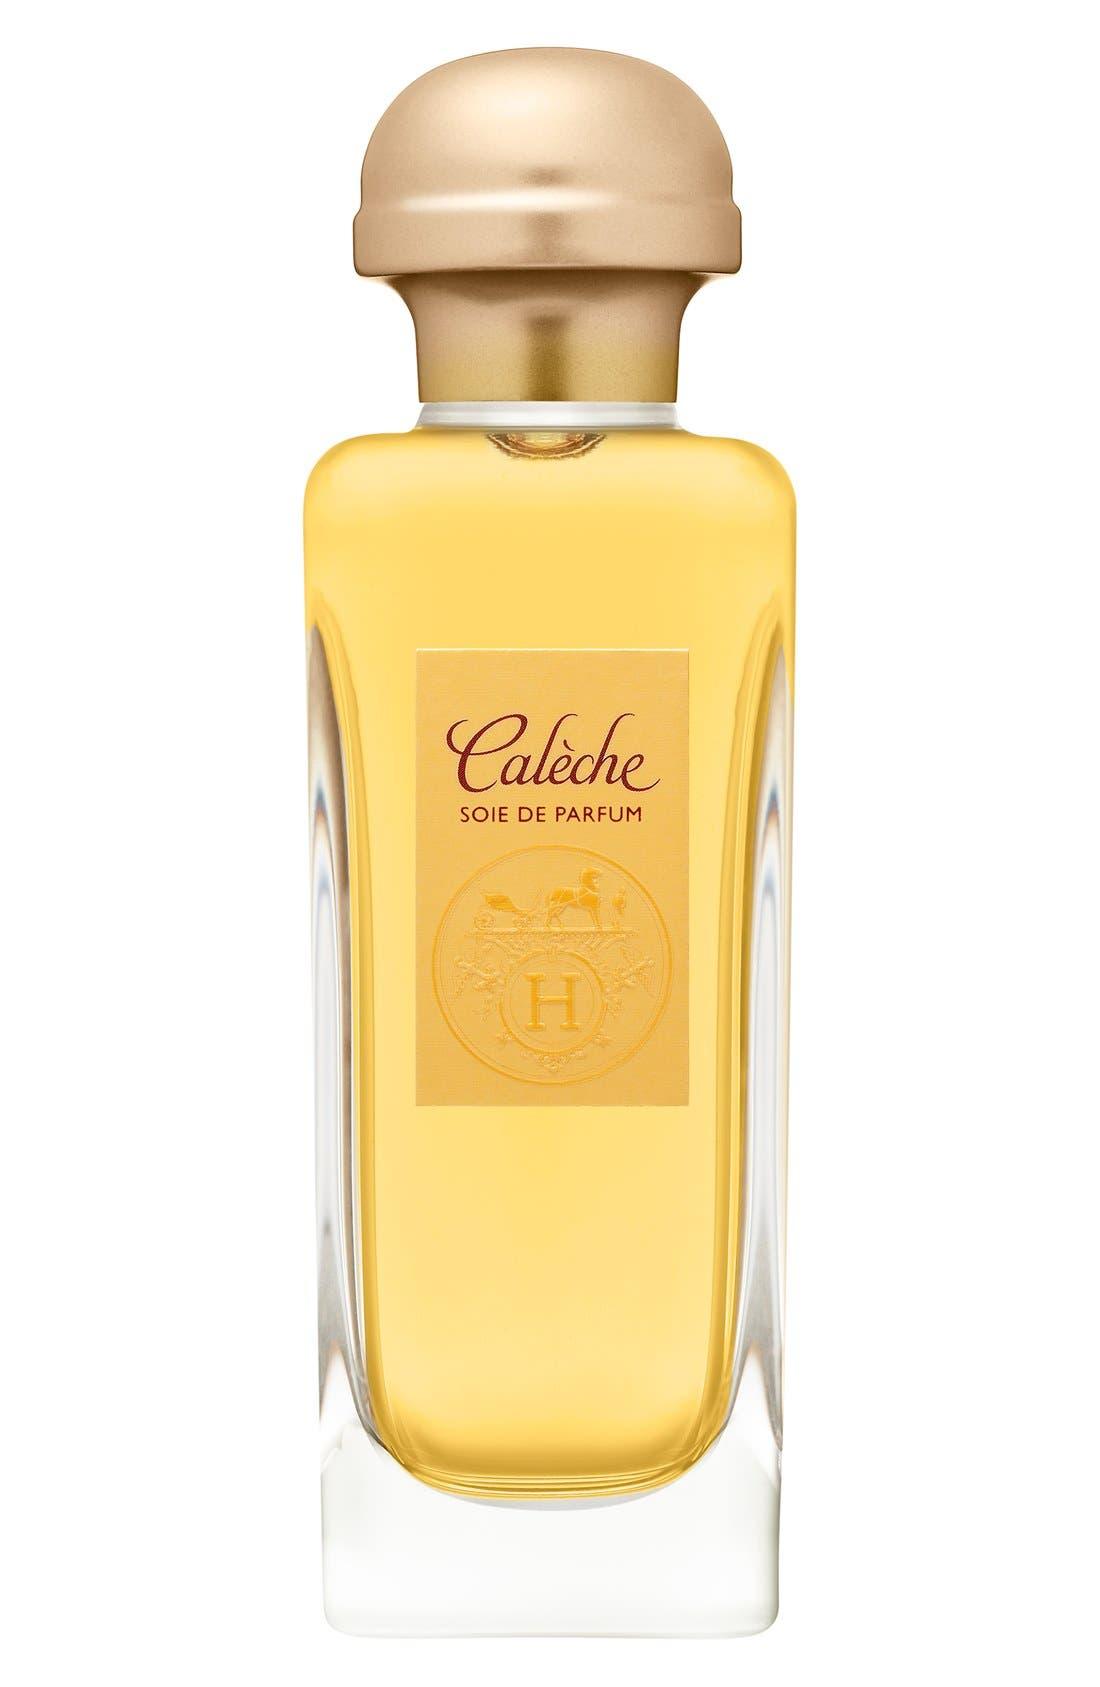 Calèche - Soie de parfum,                             Main thumbnail 1, color,                             NO COLOR